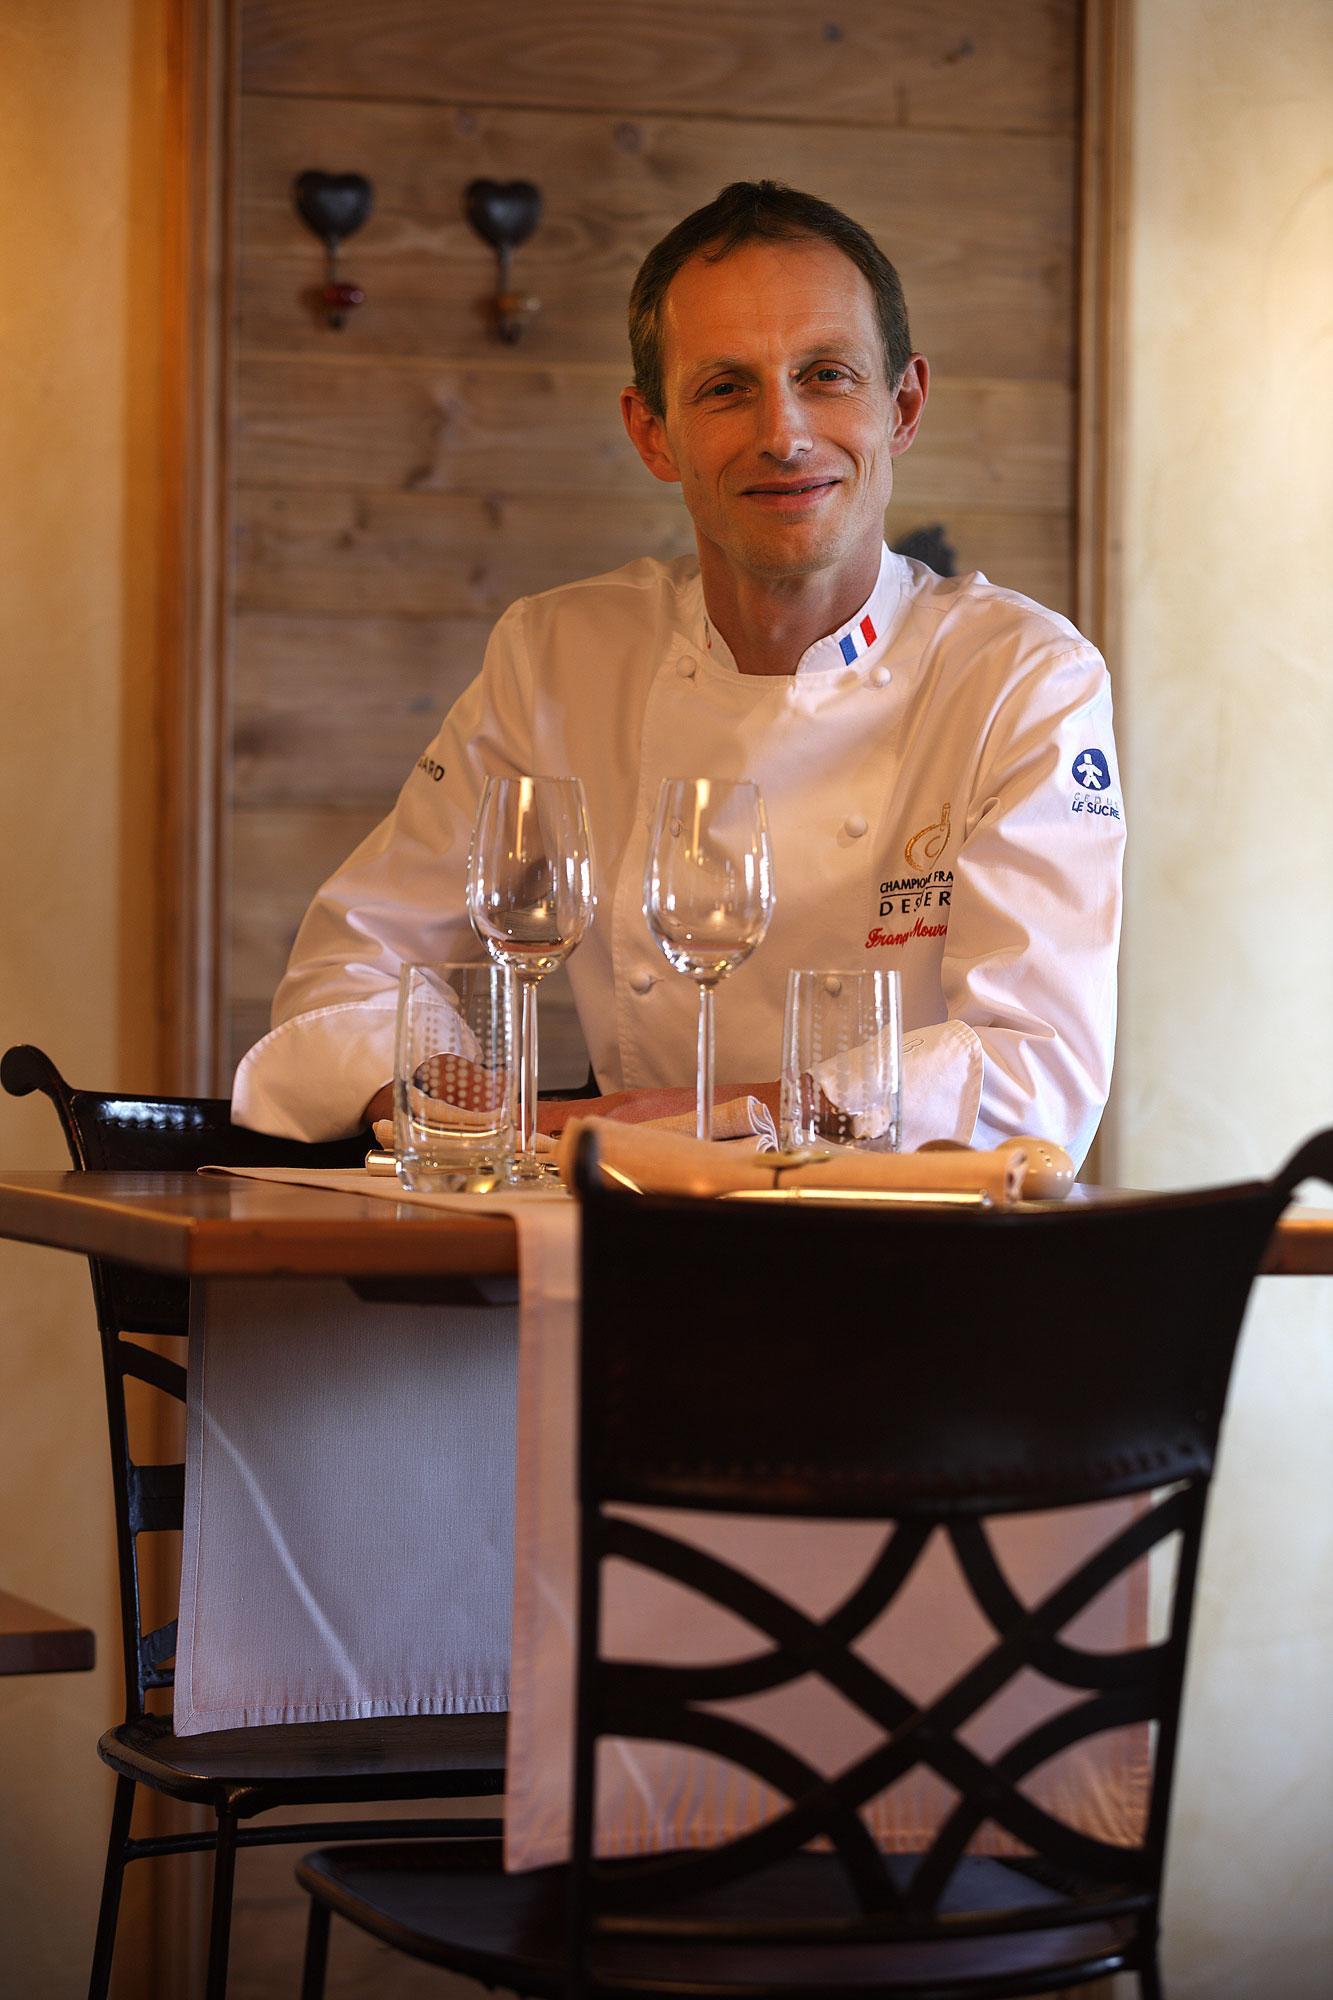 Chef François Moureaux